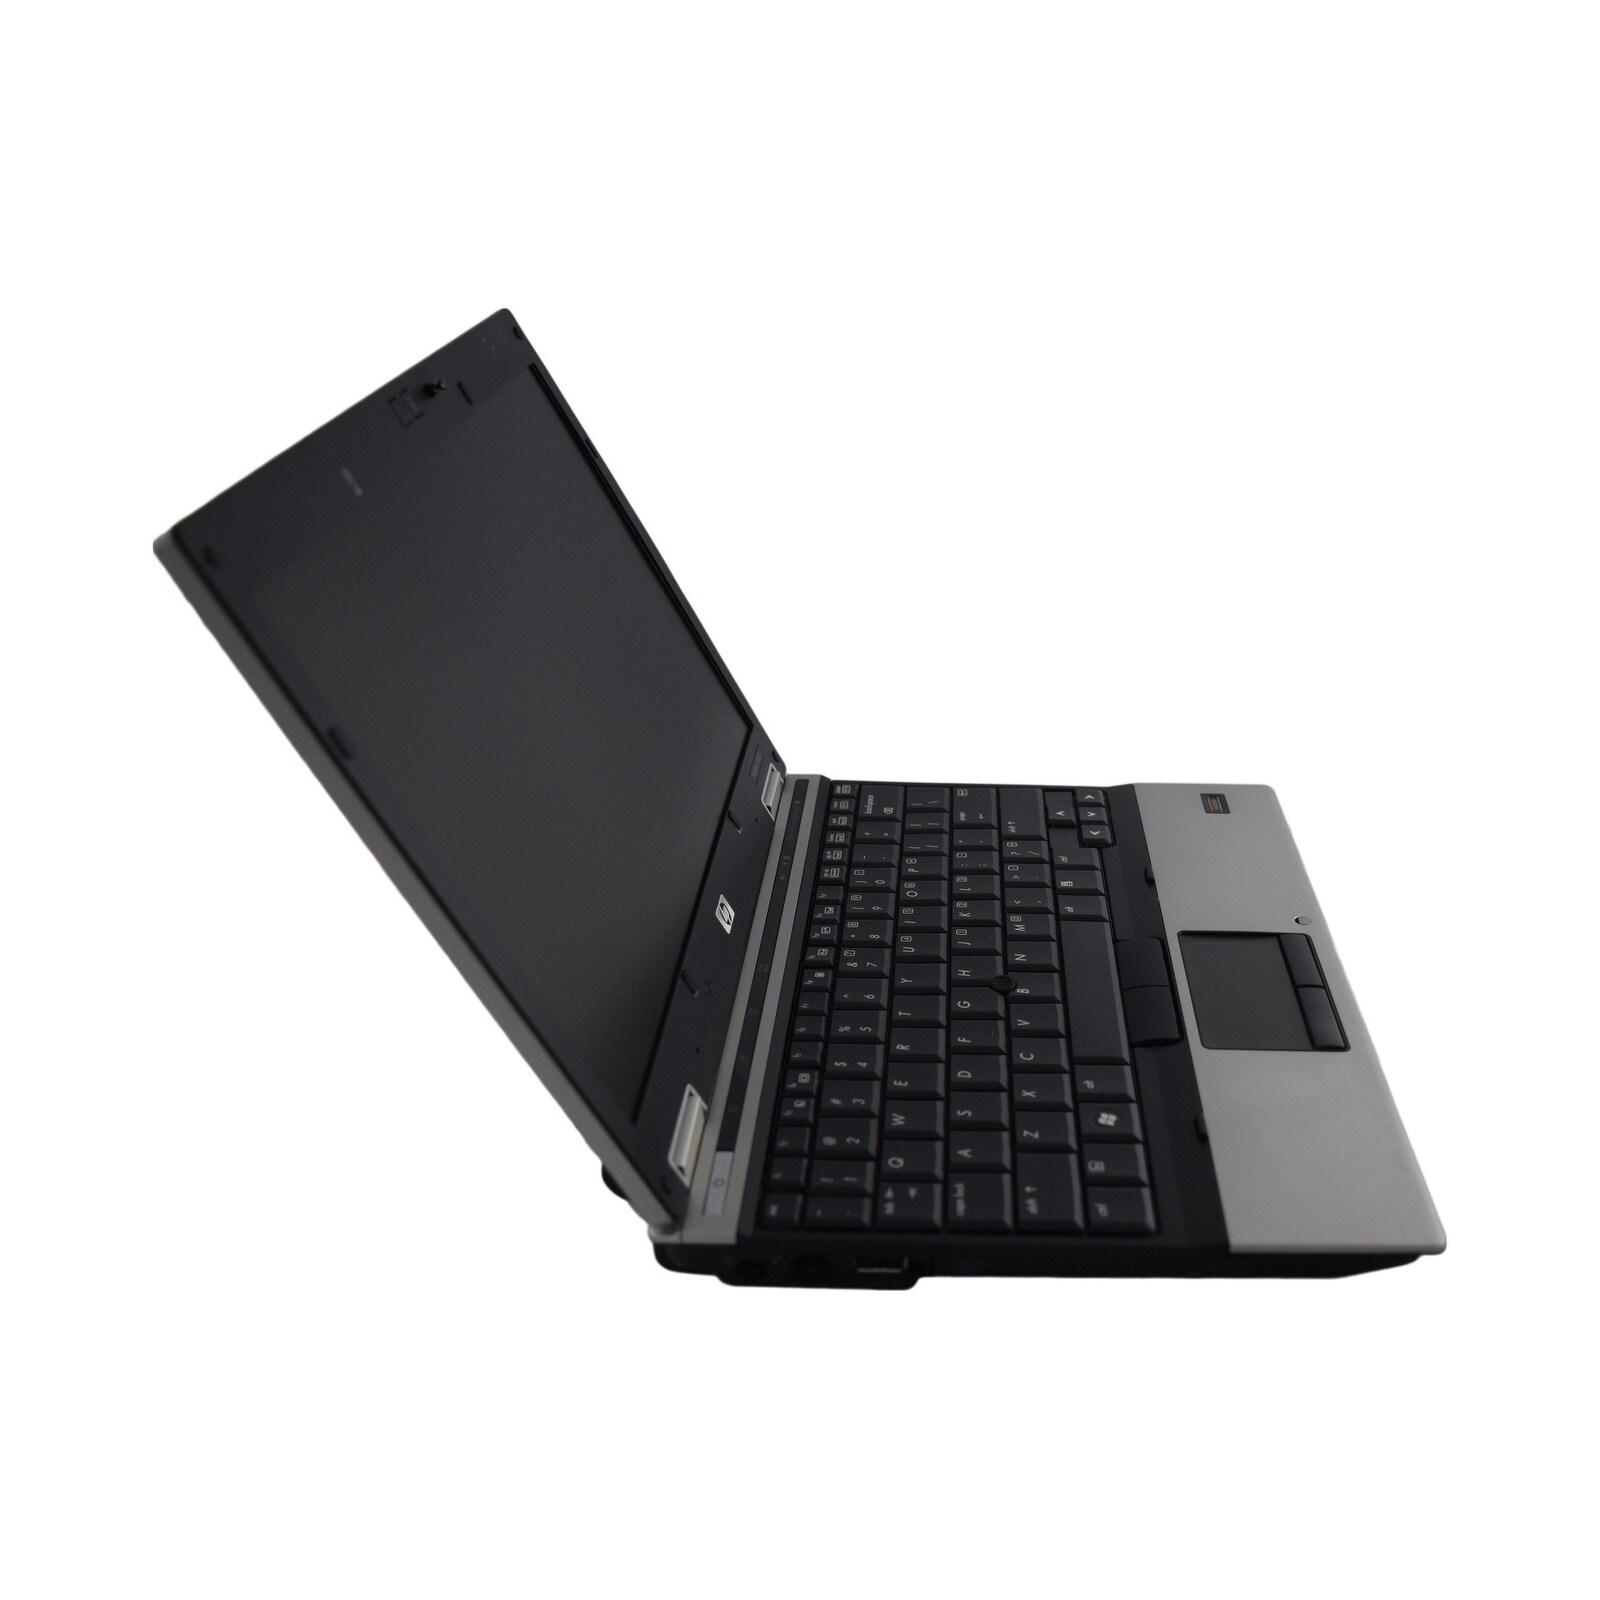 2596d7731fffe7 Shop HP EliteBook 2530p 12.1